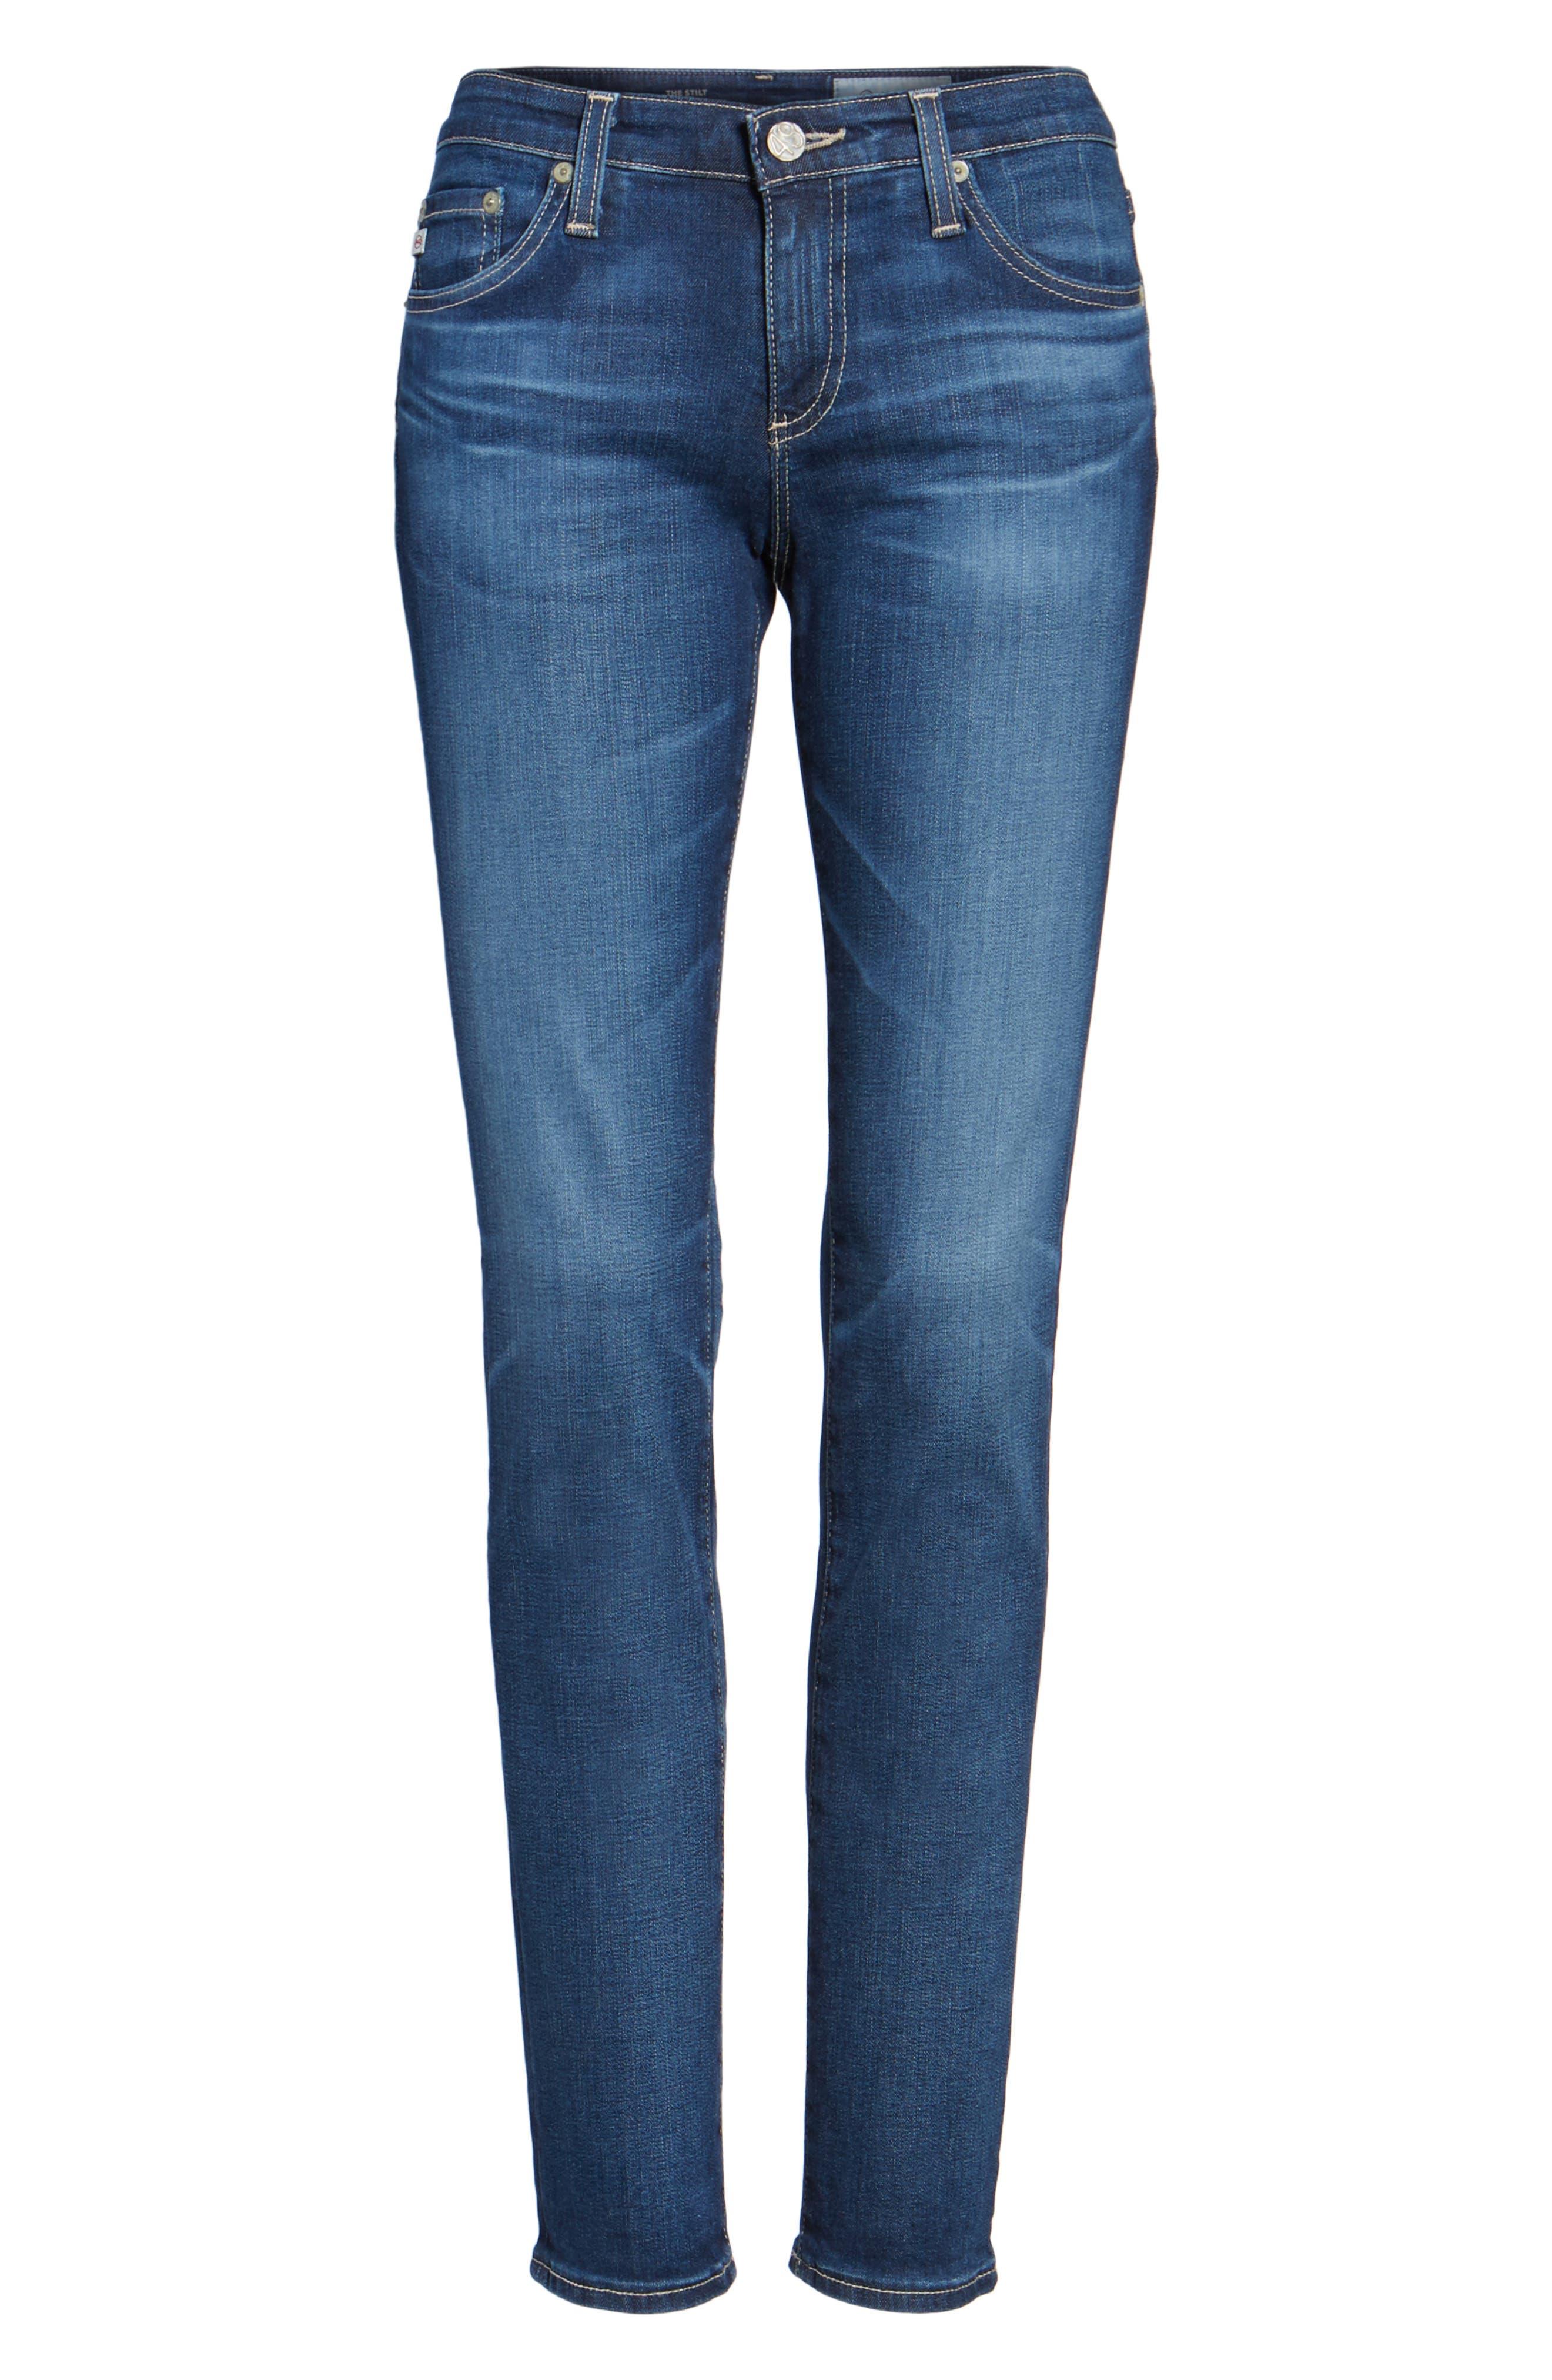 'The Stilt' Cigarette Leg Jeans,                             Main thumbnail 1, color,                             401